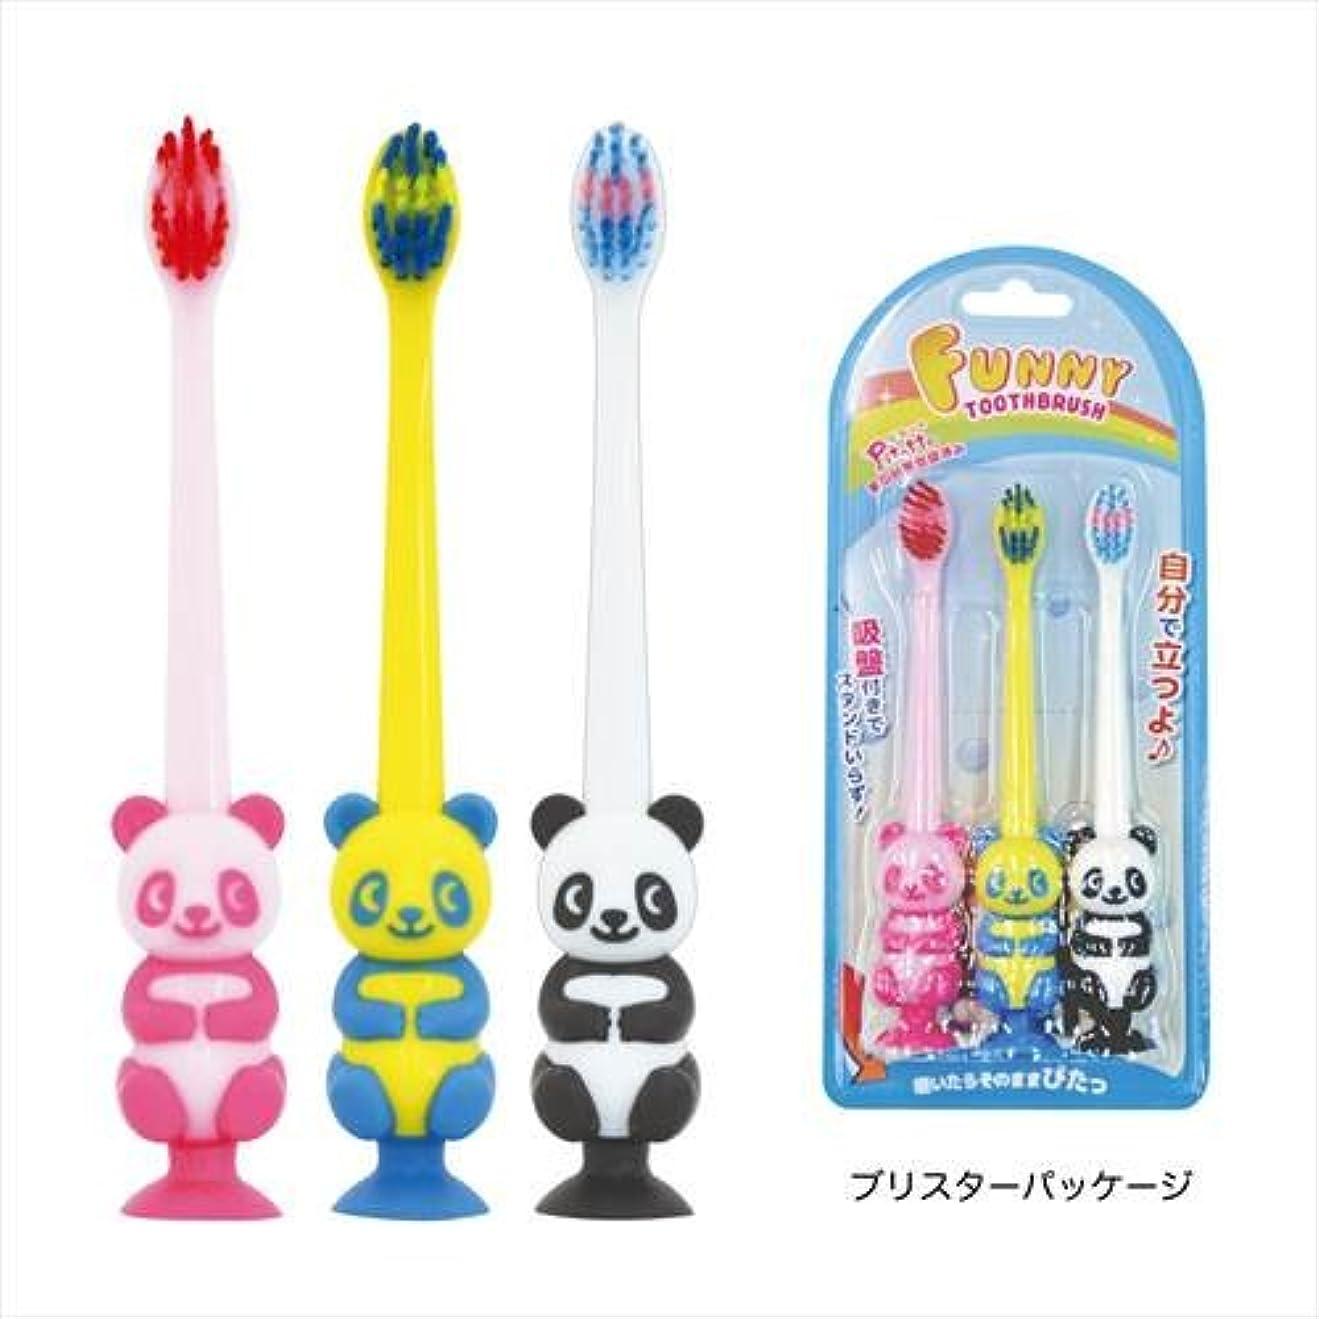 赤ちゃん同様に宙返りファニー歯ブラシ パンダ 3本セット